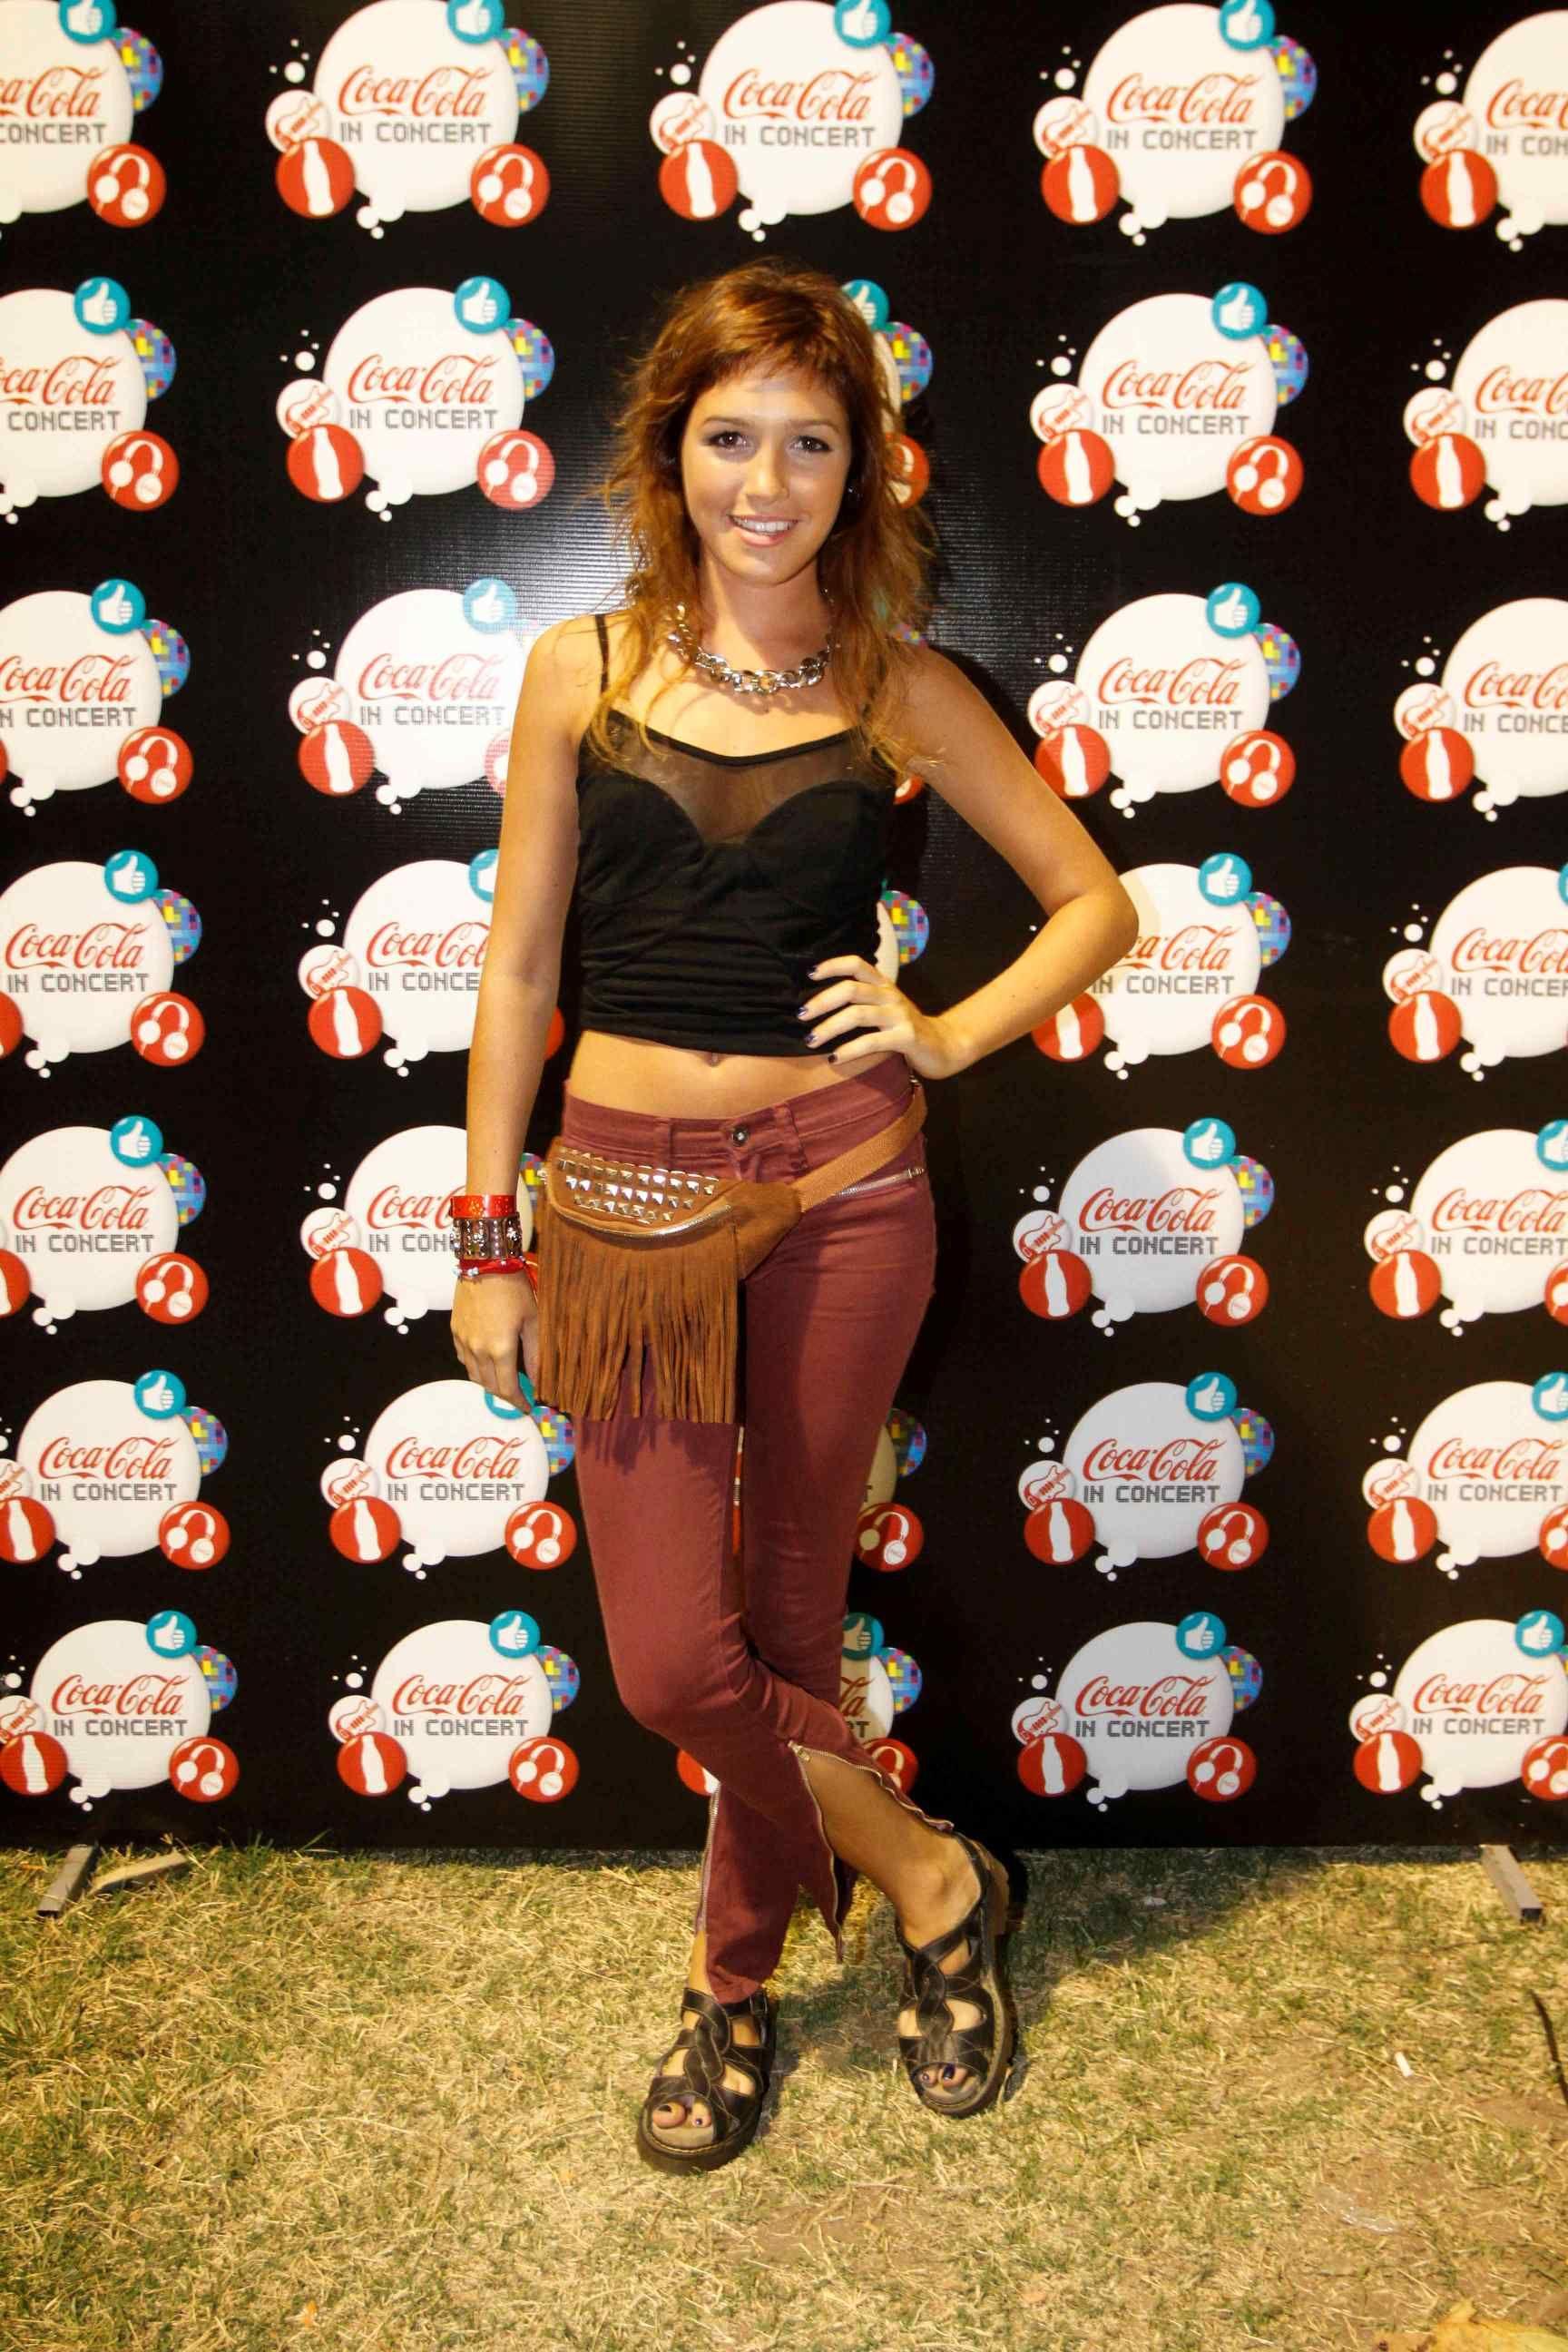 Candela Vetrano estuvo presente en una nueva fecha de Coca-Cola in Concert - Jamiroquai